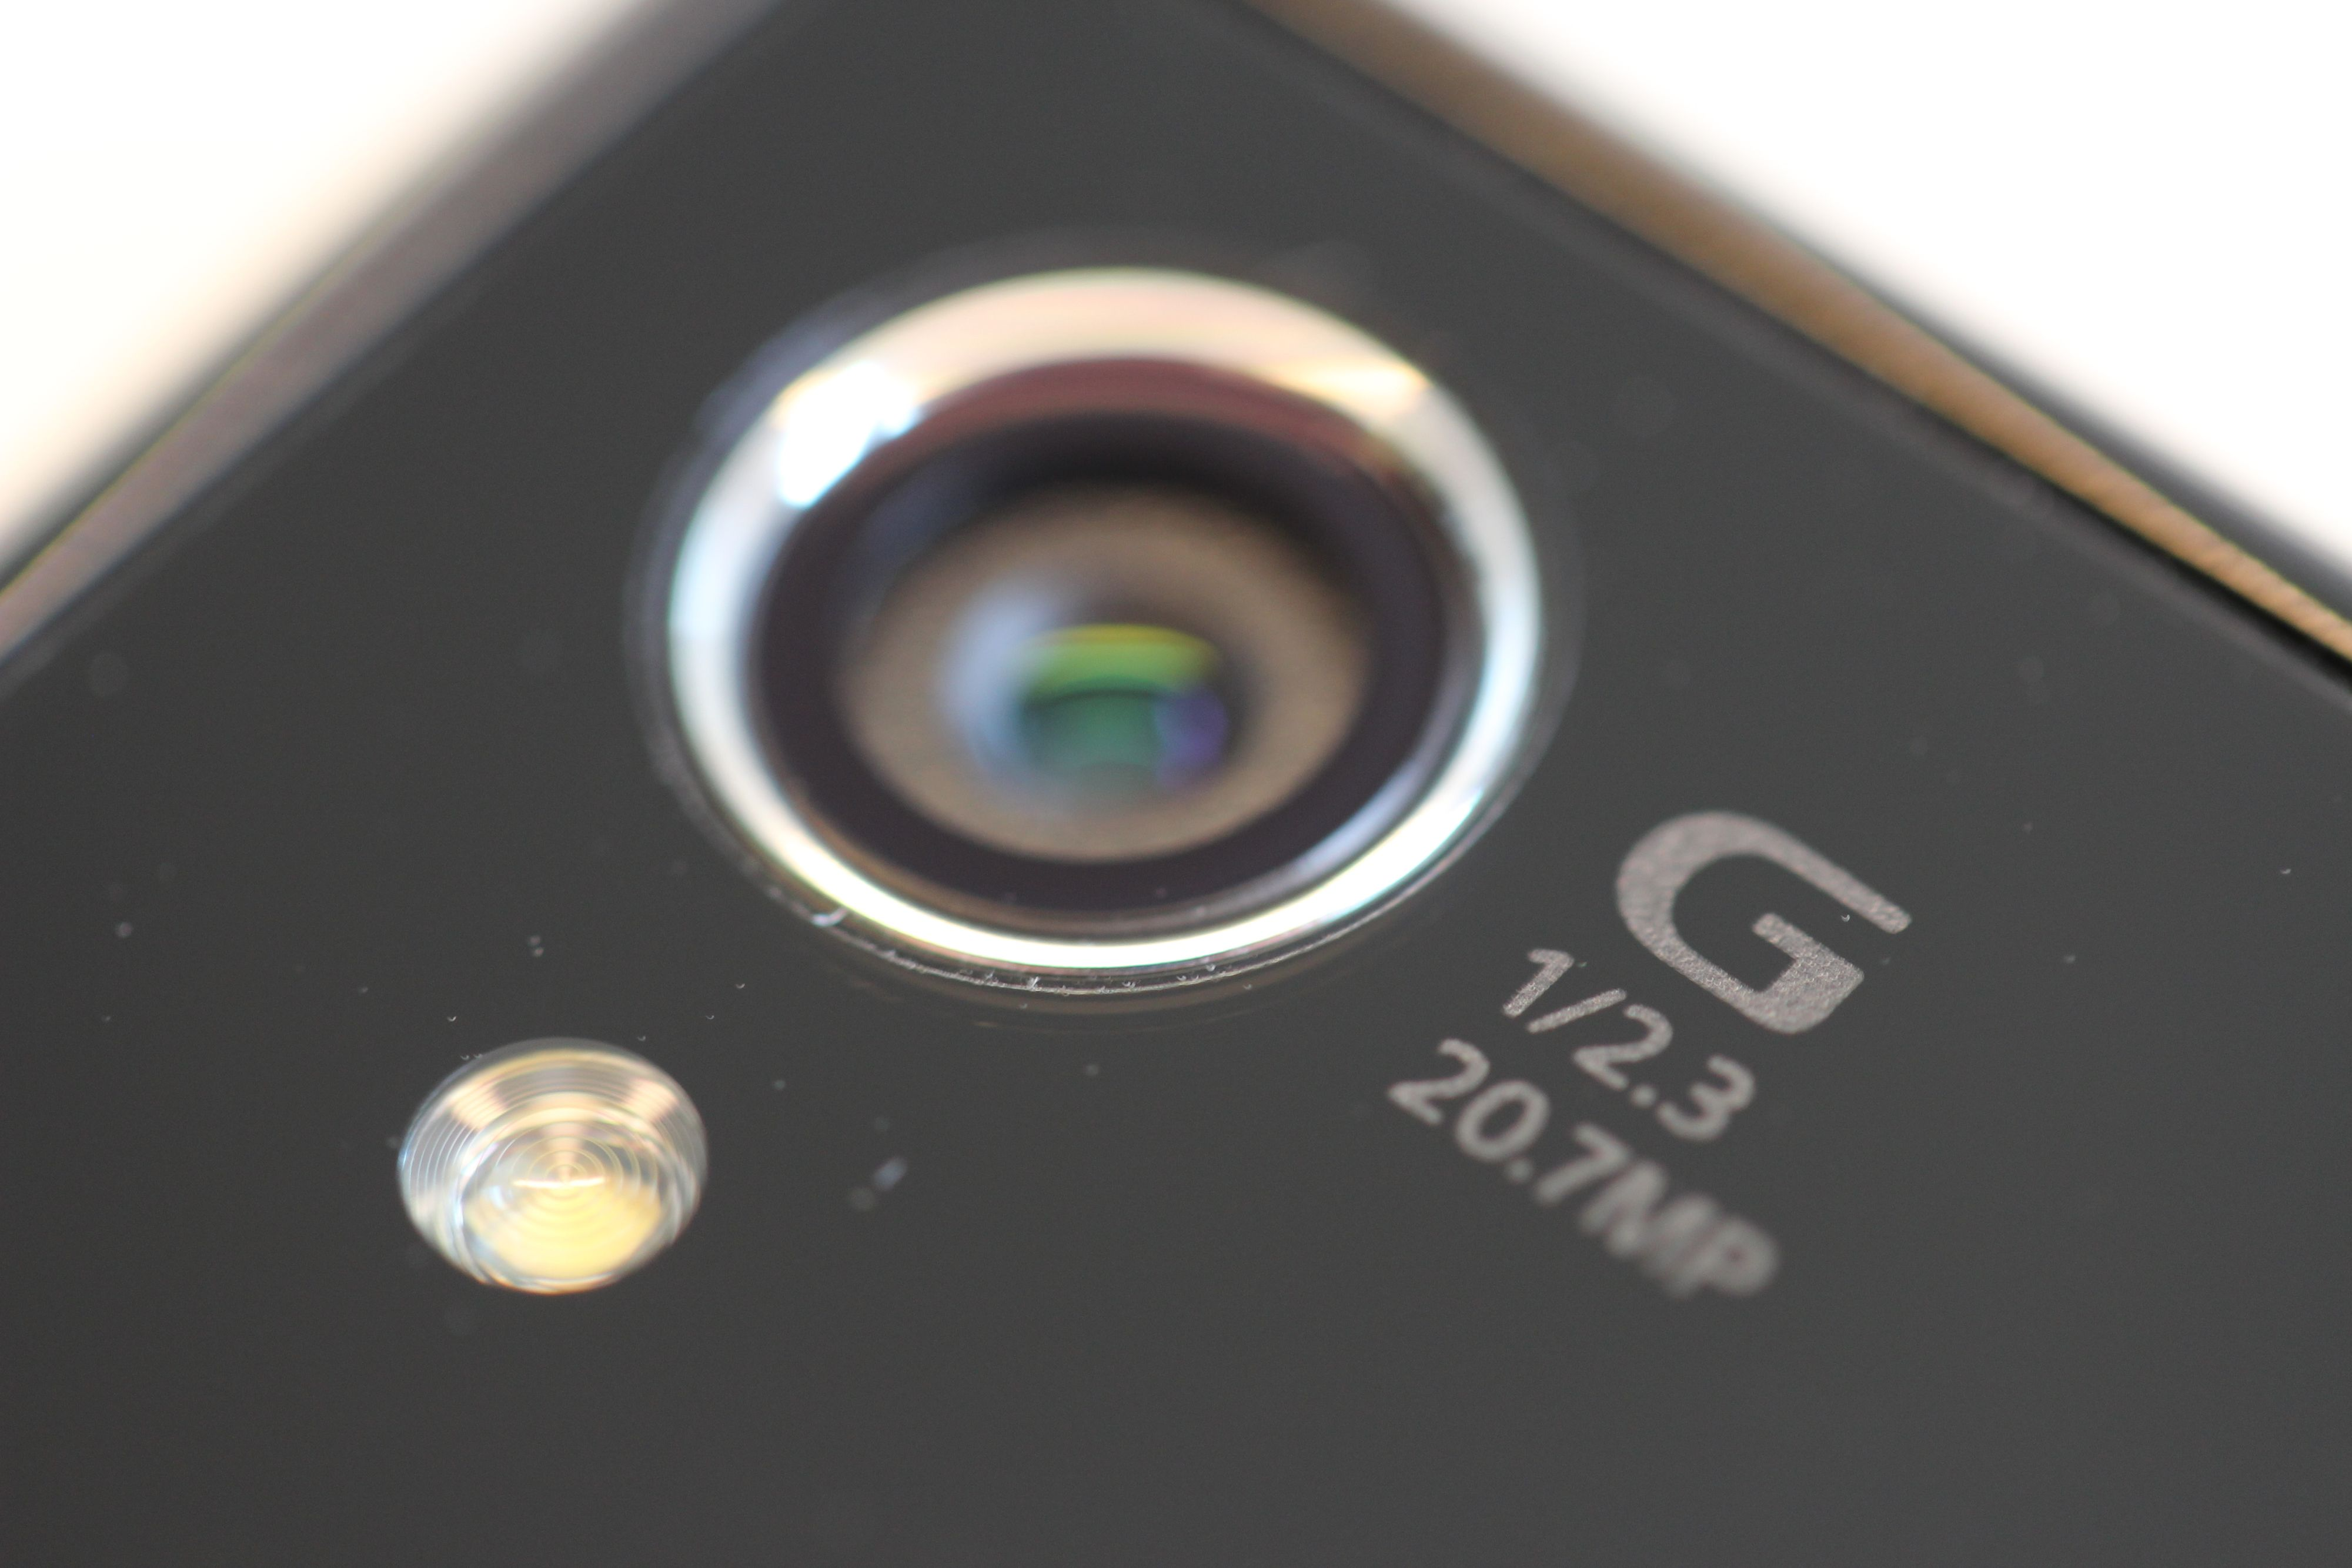 En ny type optikk kombinert med en stor bildebrikke og smart bildebehandling gir et mobilkamera som overgår alt vi har sett i mobiltelefoner til nå. Foto: Espen Irwing Swang, Amobil.no